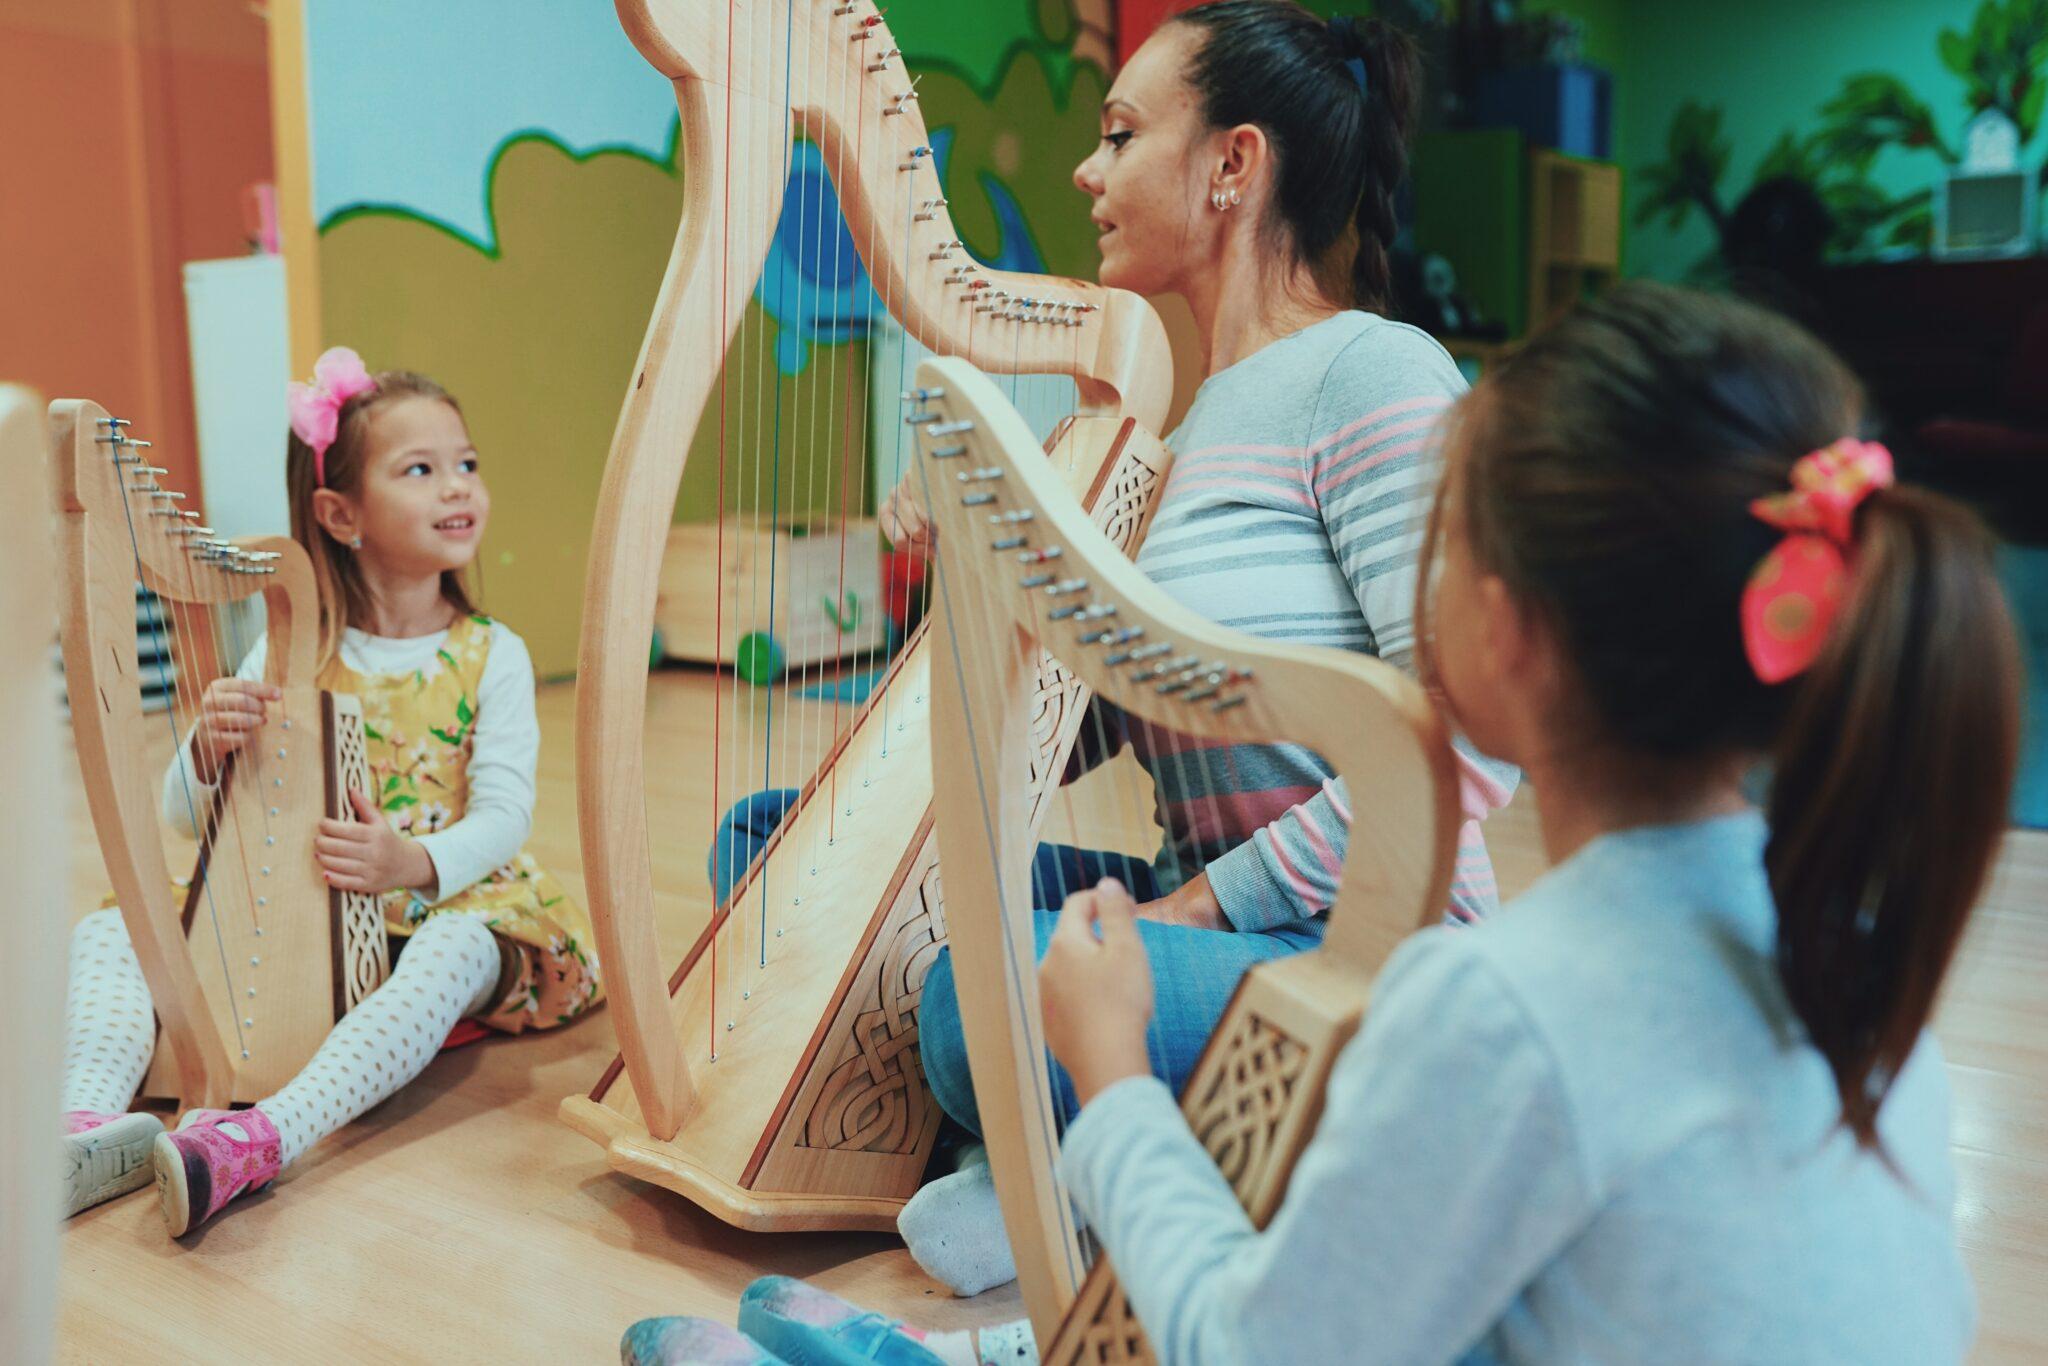 Prvi put u Srbiji: Grupne radionice harfe za decu!